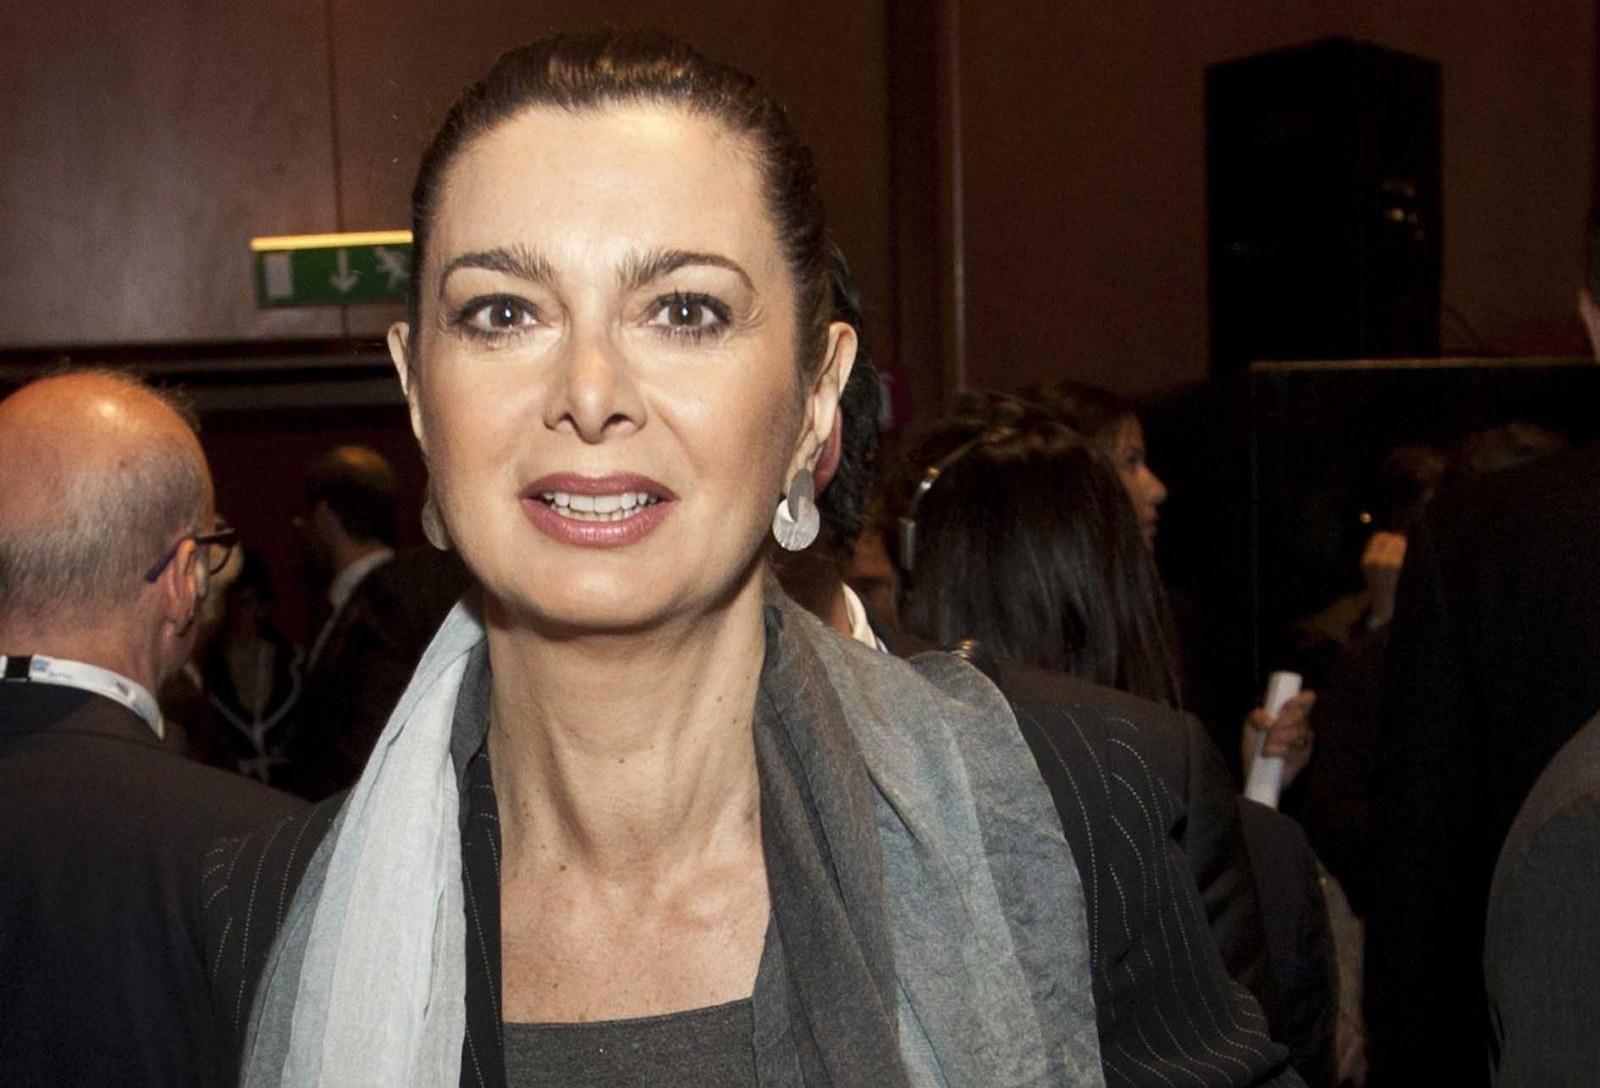 Violenza sulle donne, Laura Boldrini chiede risorse per combattere femminicidi e discriminazioni